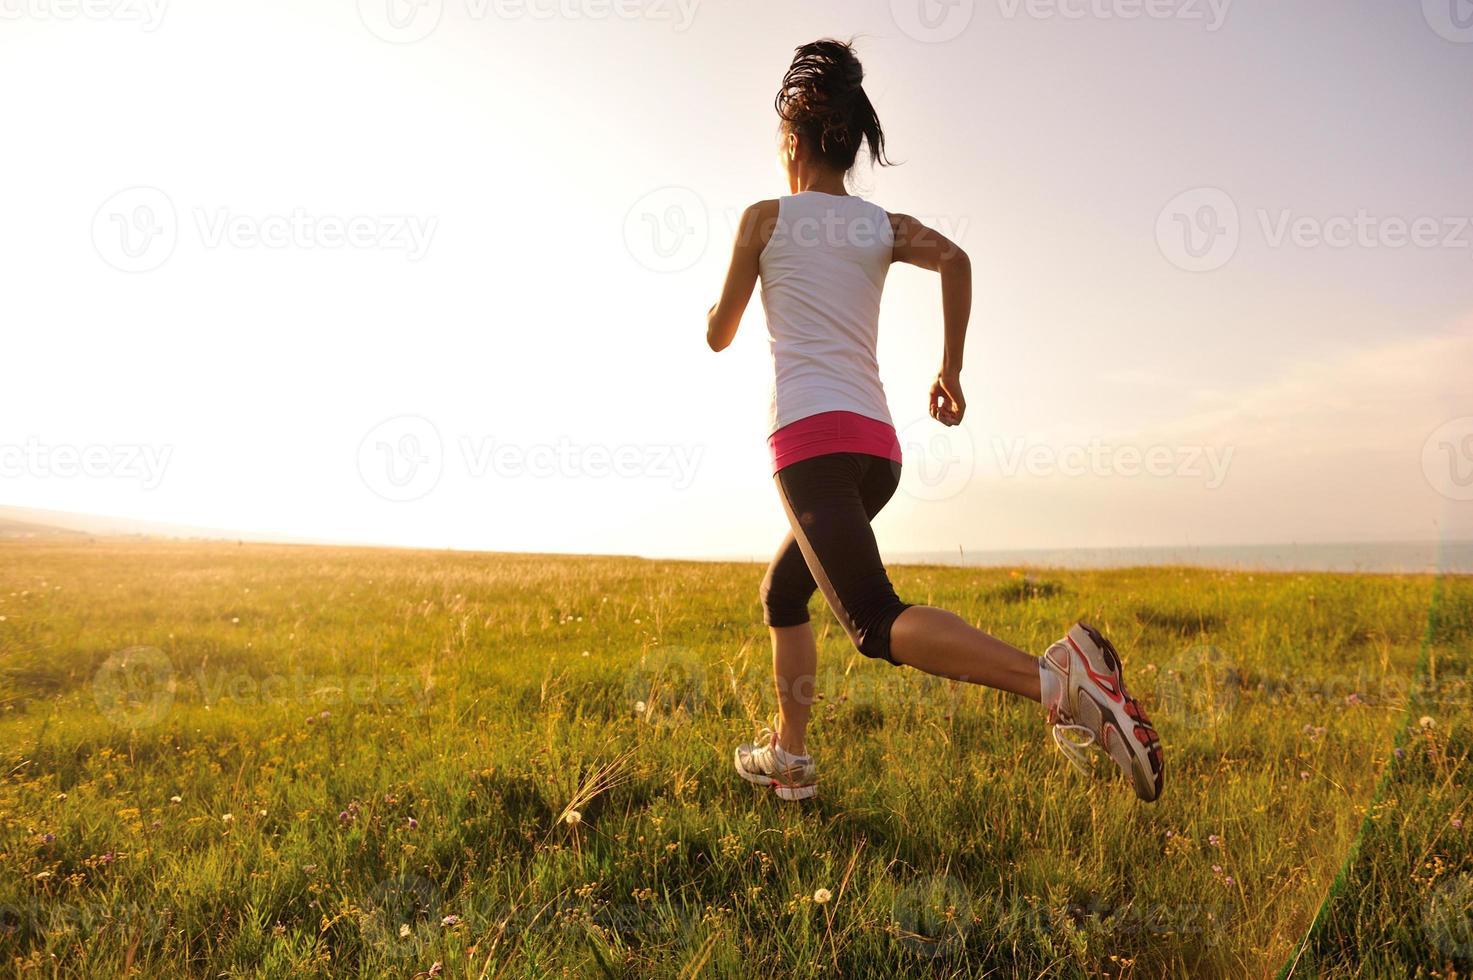 atleta corredor corriendo en el campo de hierba de amanecer / atardecer foto